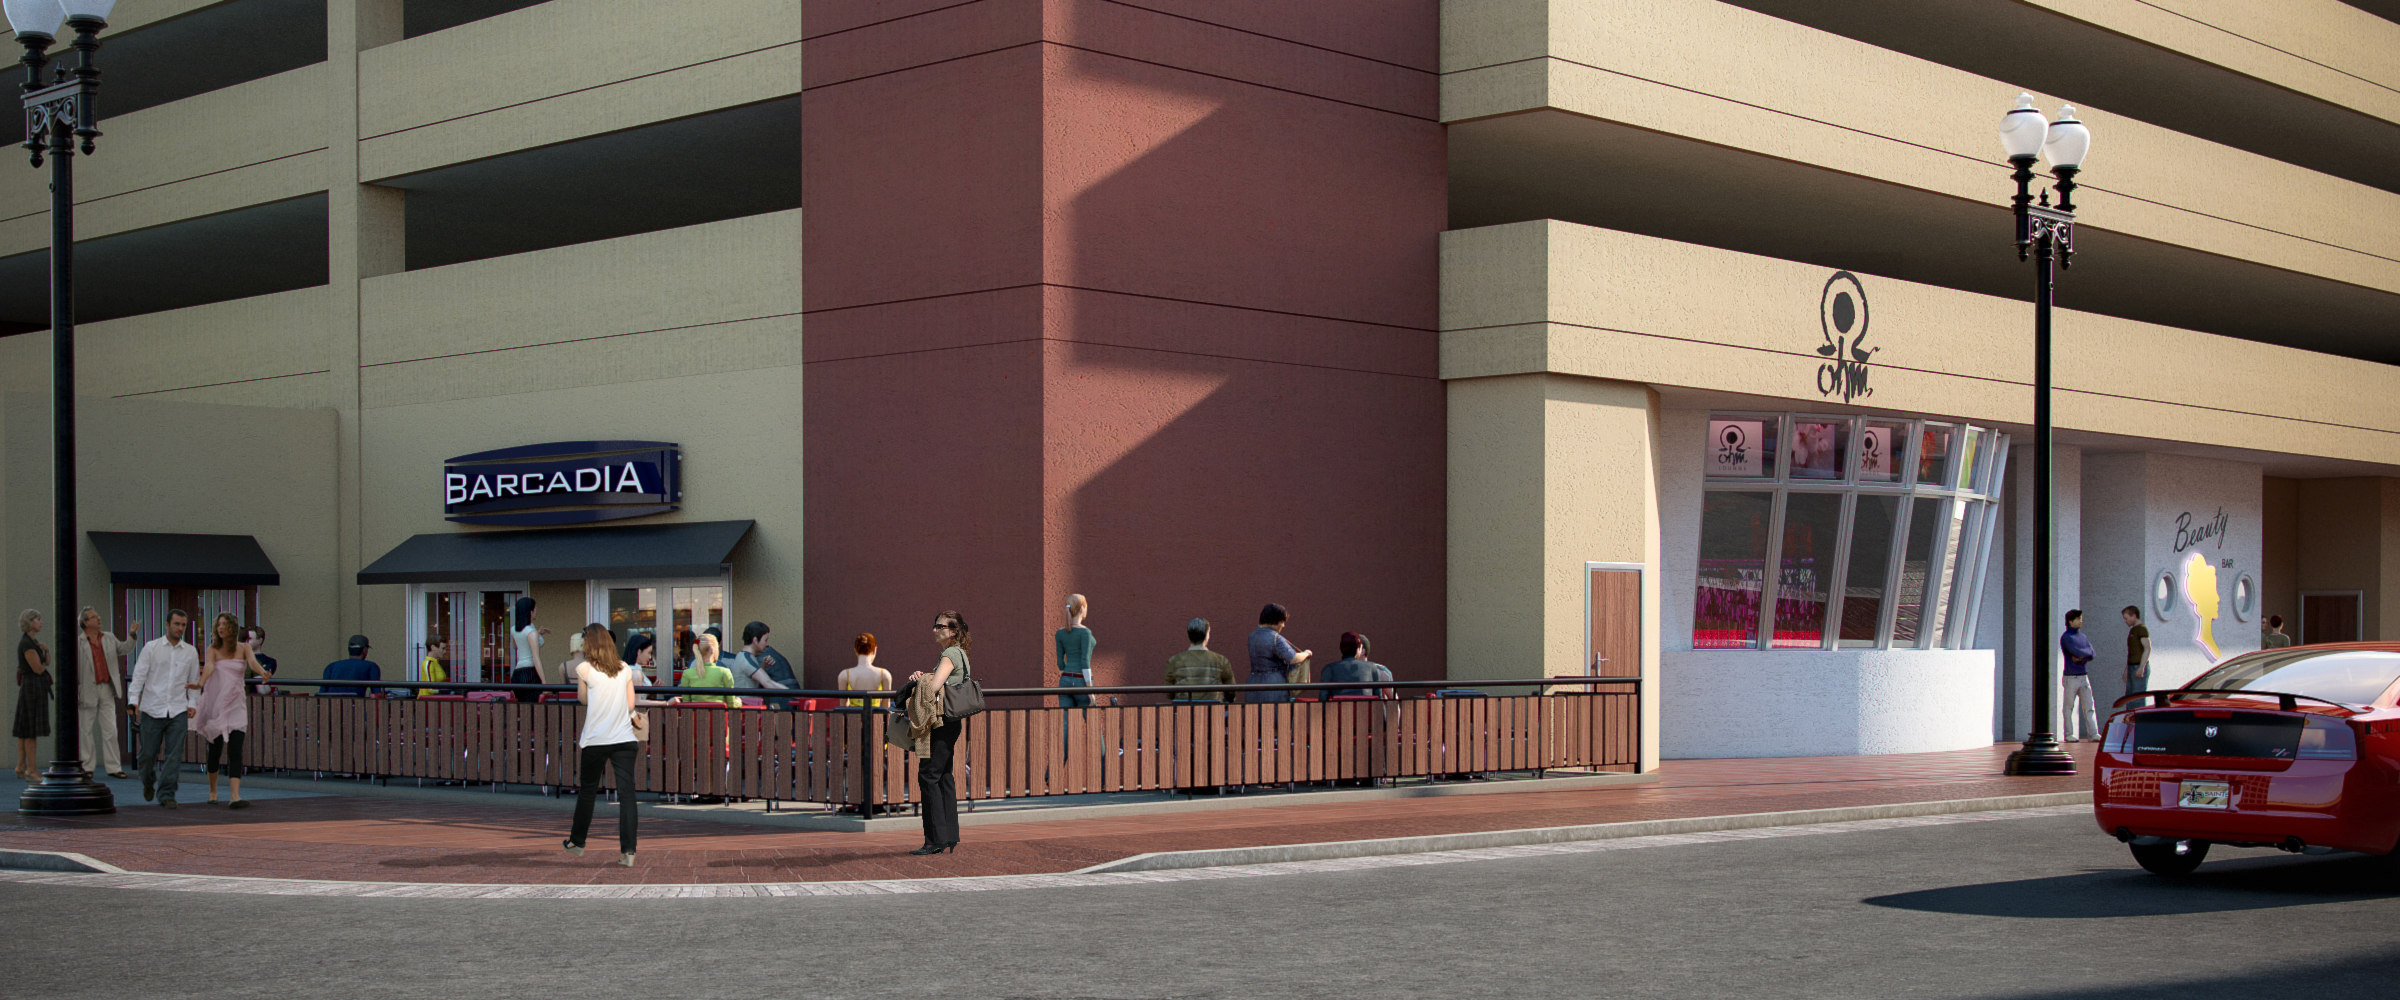 new orleans-exterior_final.jpg